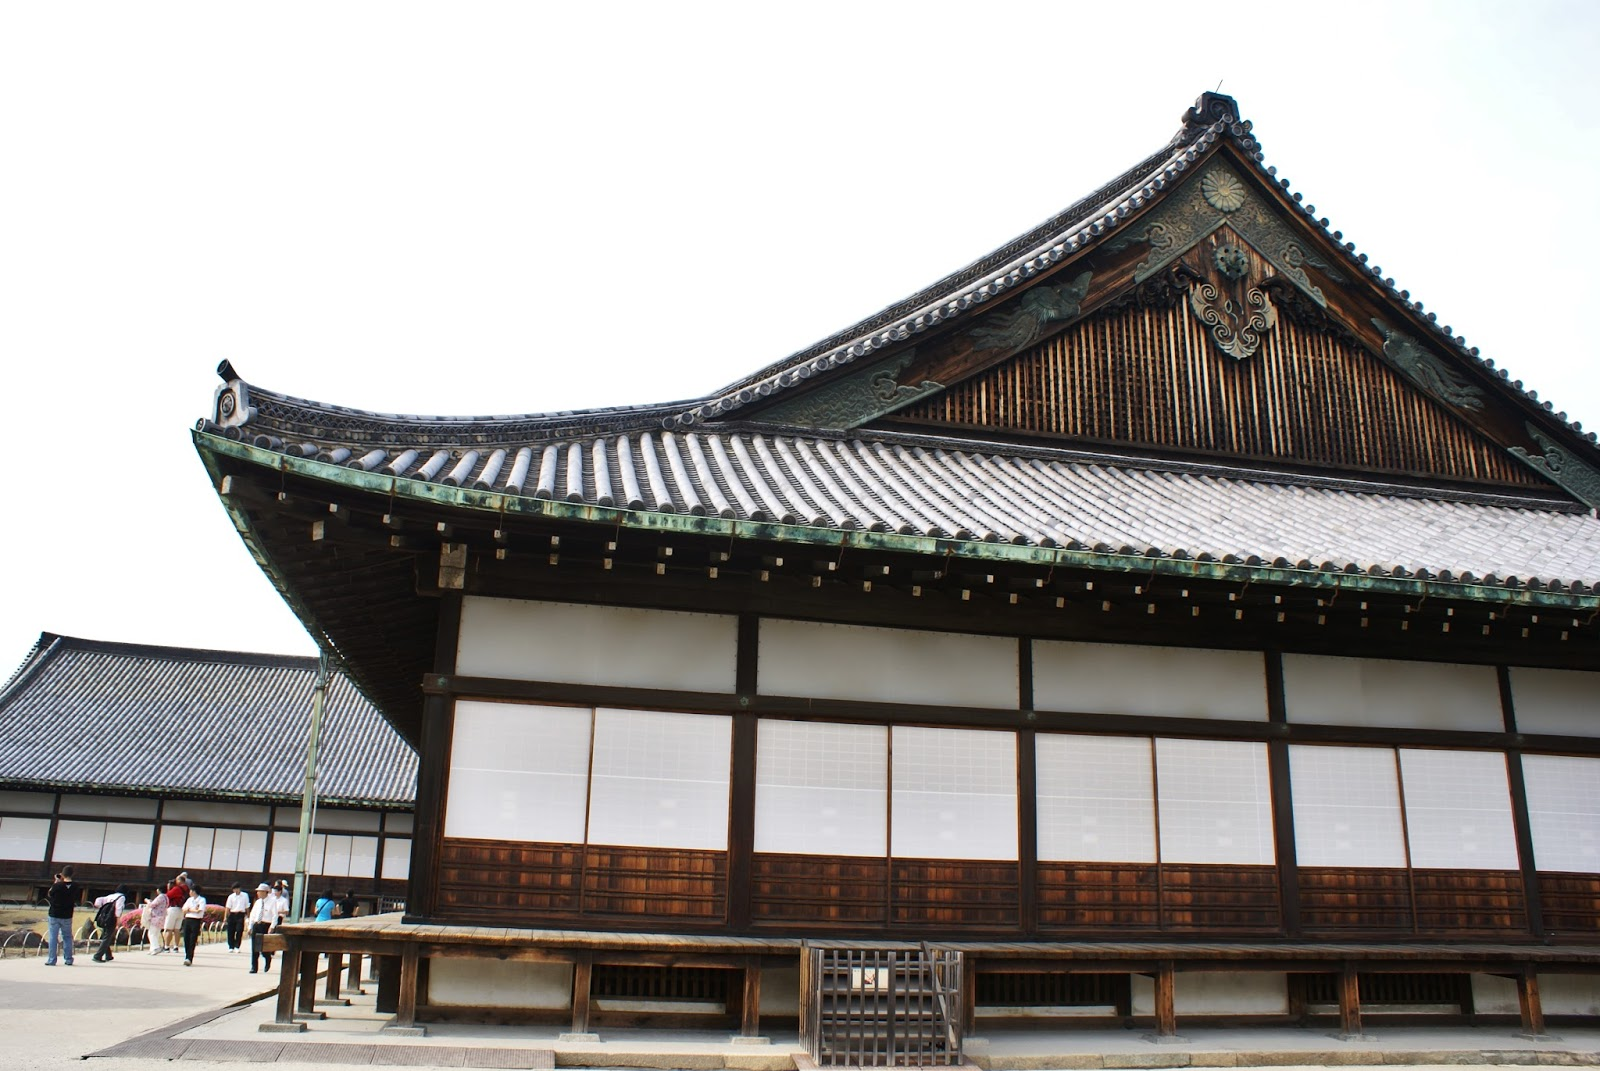 ninomaru nijo-jo castle kyoto japan asia